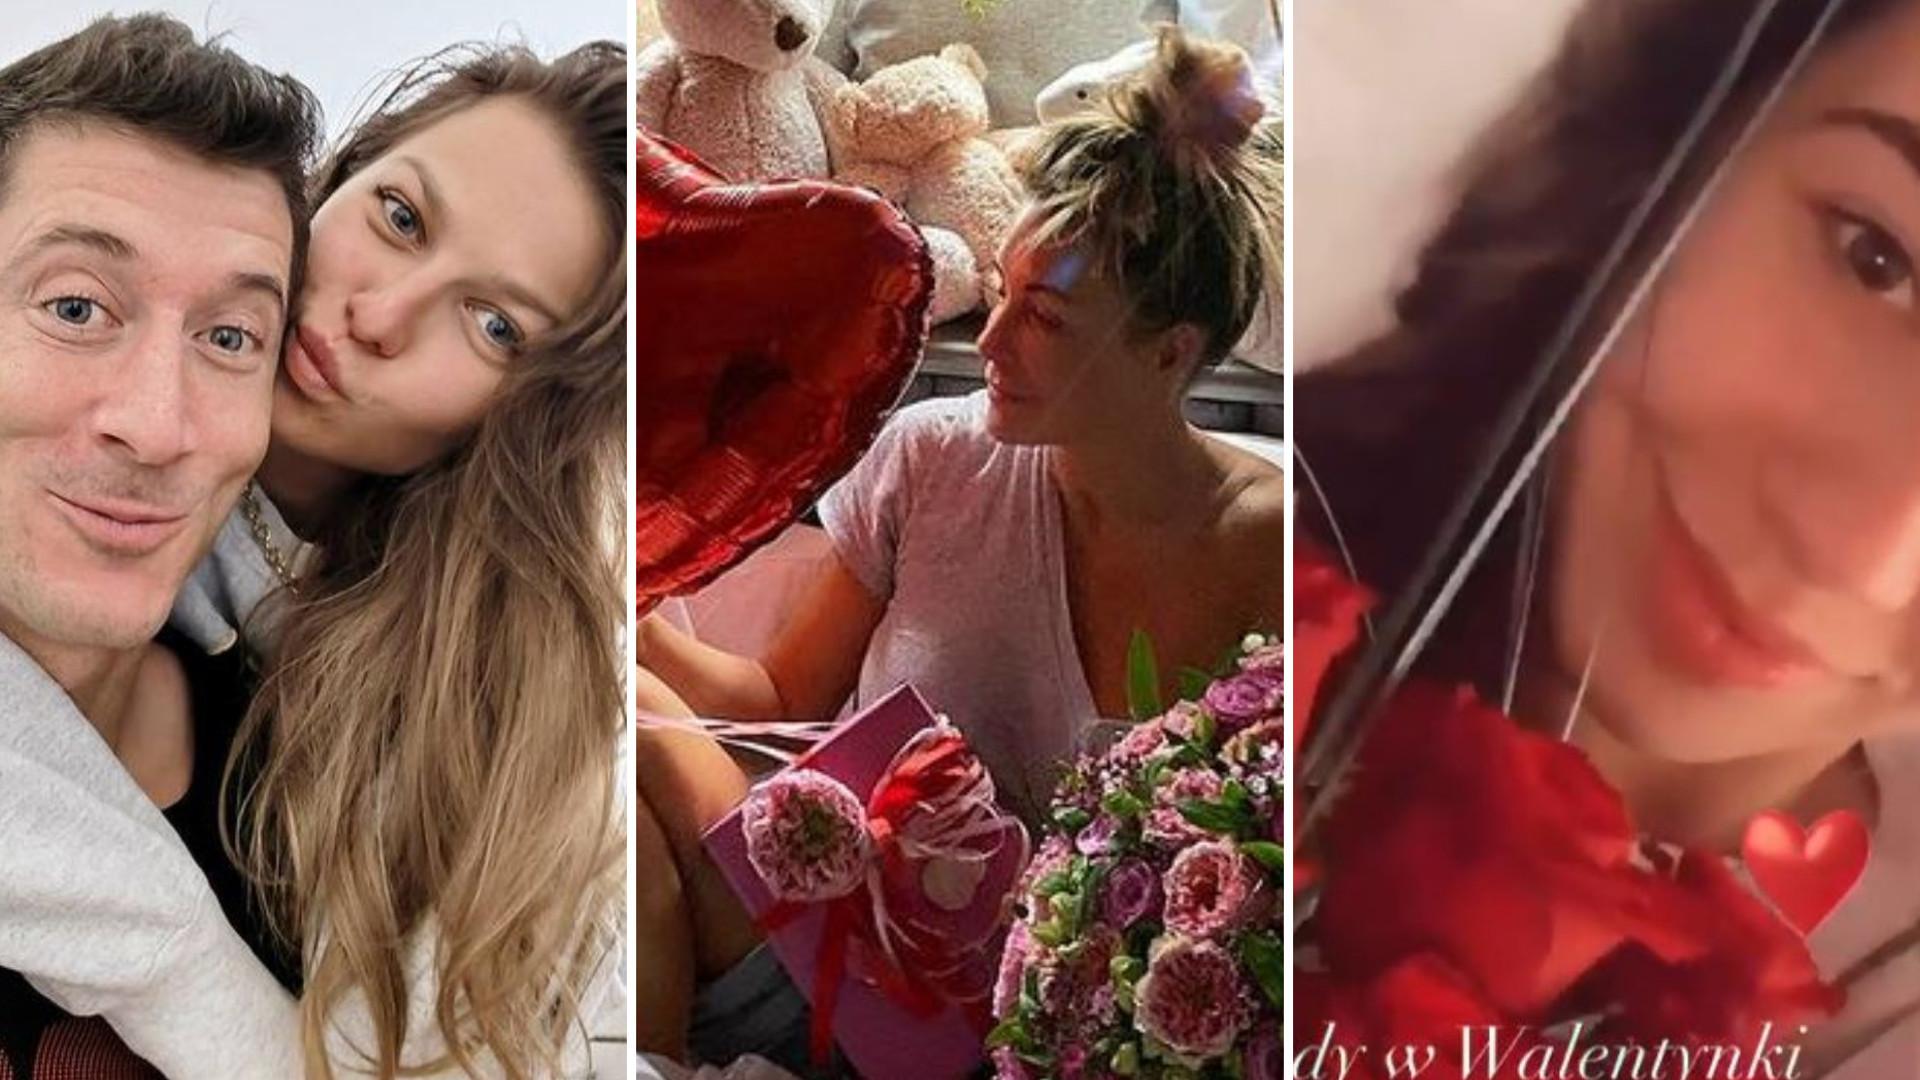 Walentynki gwiazd: Rozenek w łóżku z balonami, Lewandowscy, Marcelina Ziętek i Piotr Żyła… (ZDJĘCIA)